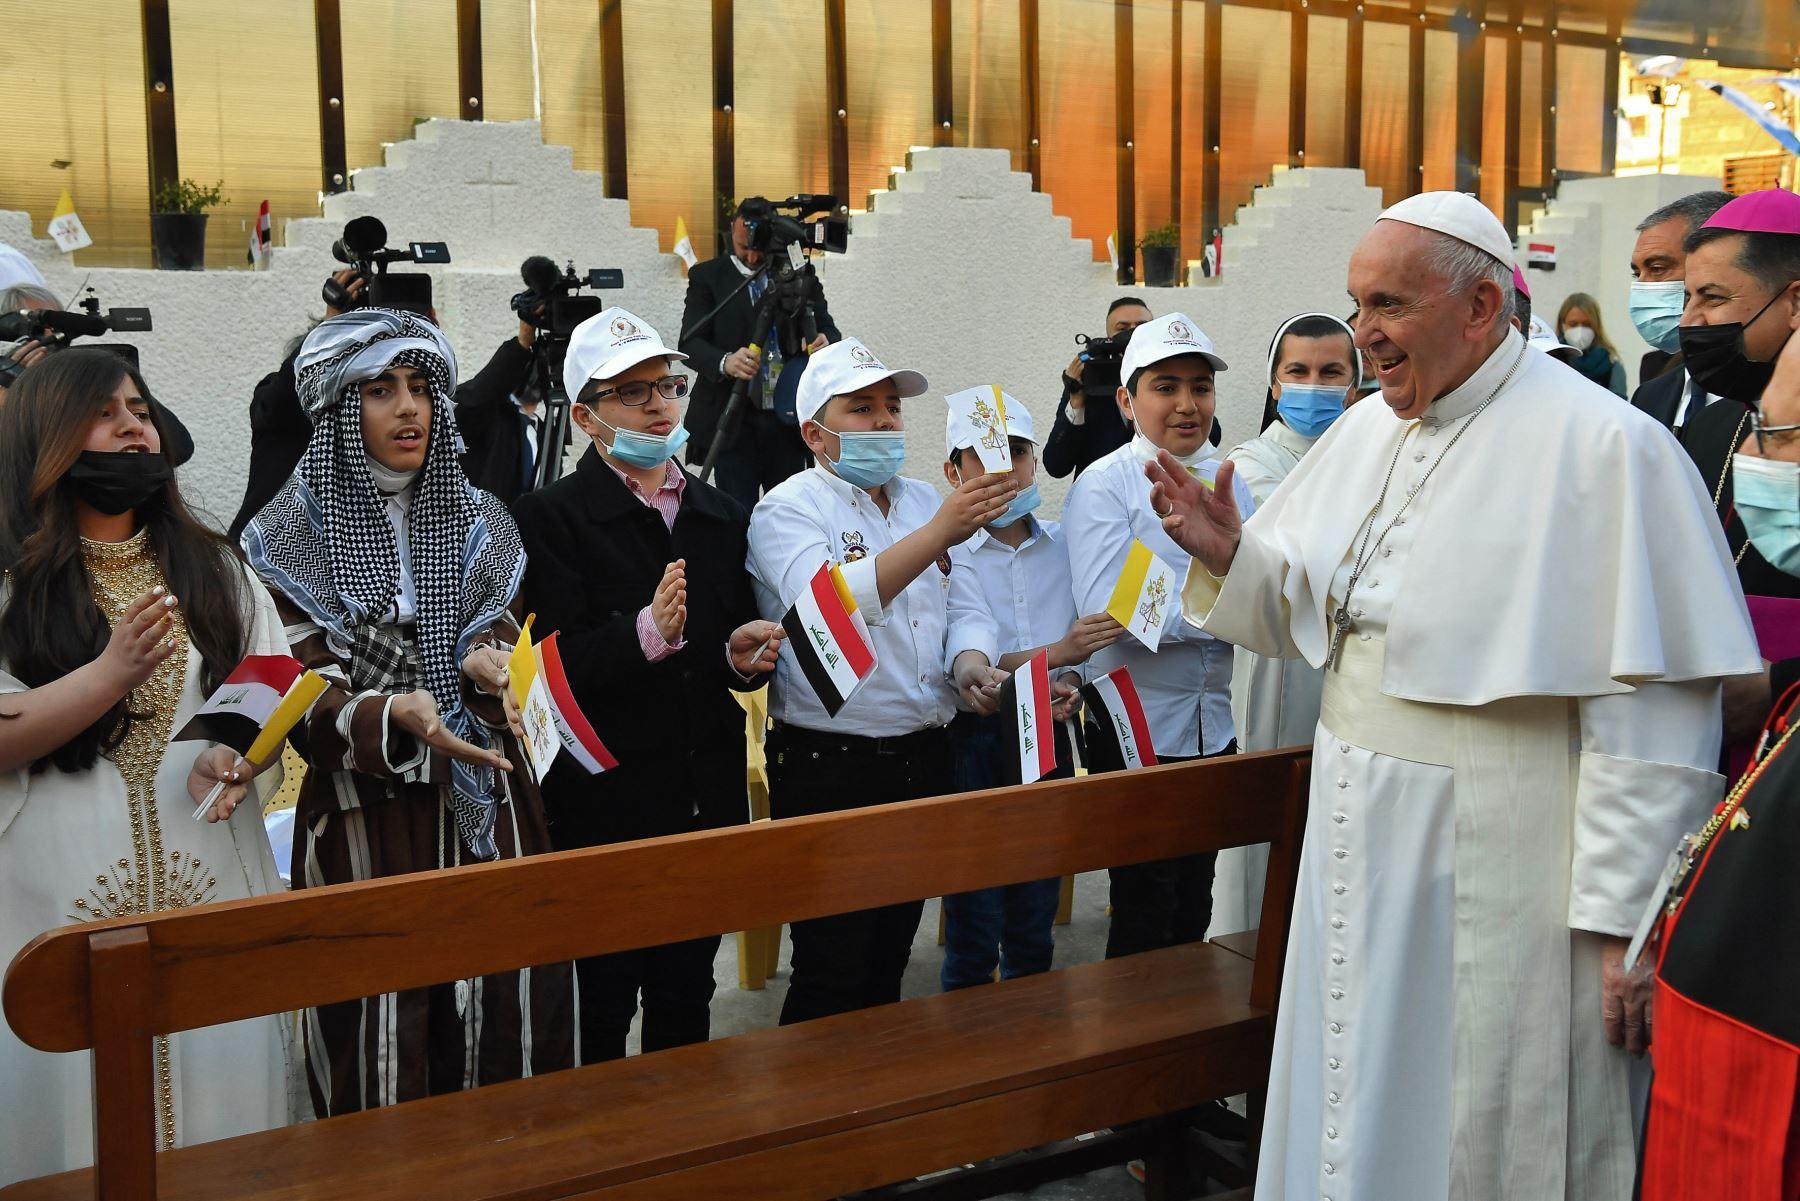 El Papa Francisco  recibido por niños a su llegada para una misa en la Catedral de San José de Bagdad en el segundo día de la primera visita papal a Irak.  Foto: AFP